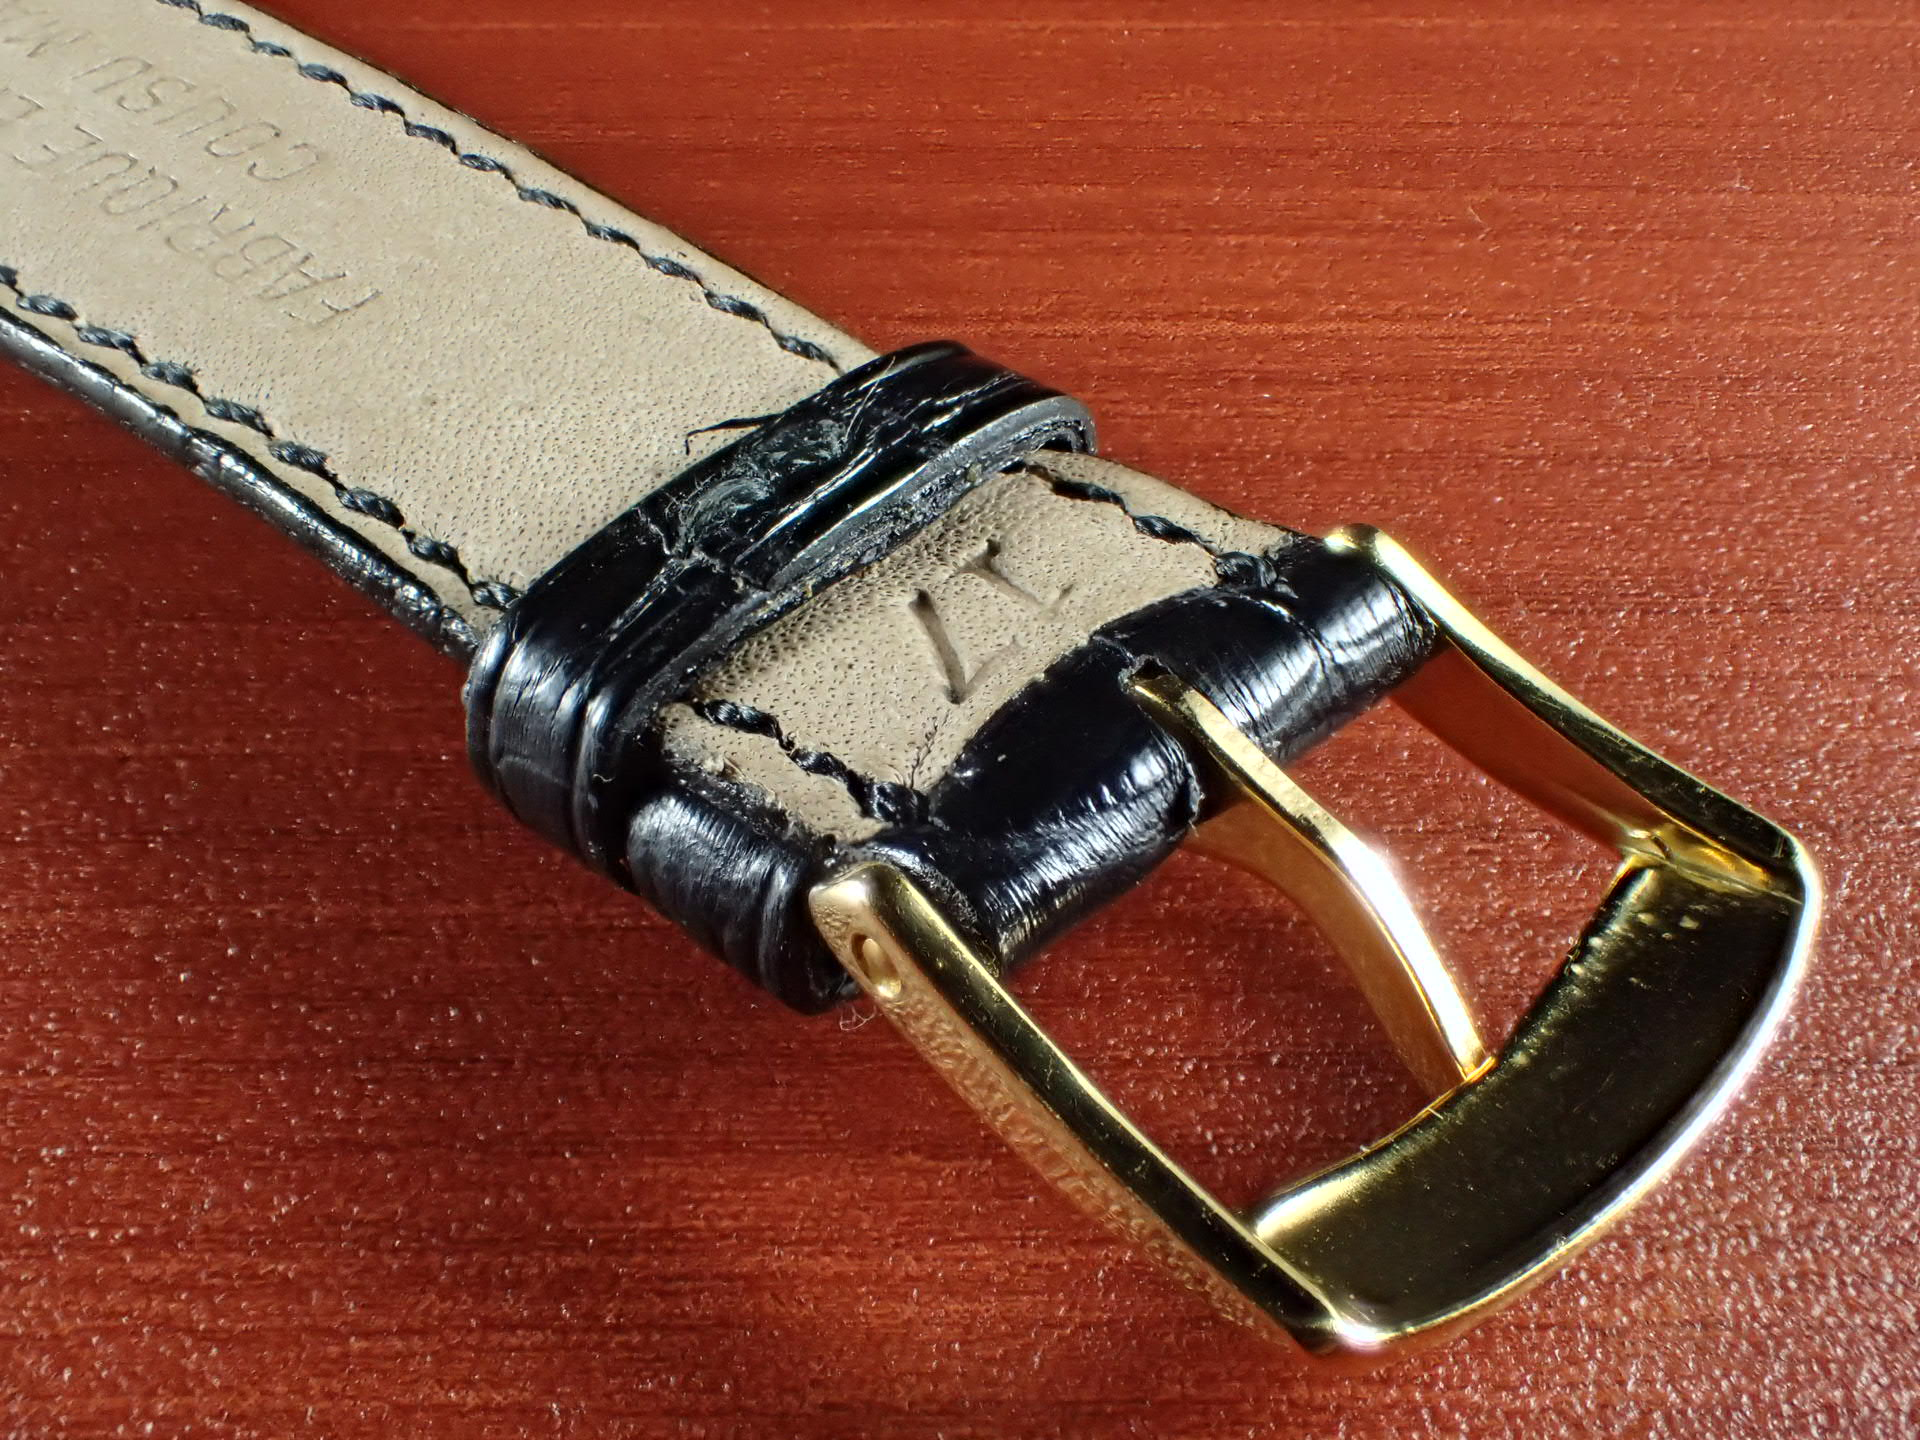 ジャン・クロード ペラン革ベルト(オールドペラン)クロコダイル ブラック 17mm 手縫いの写真4枚目